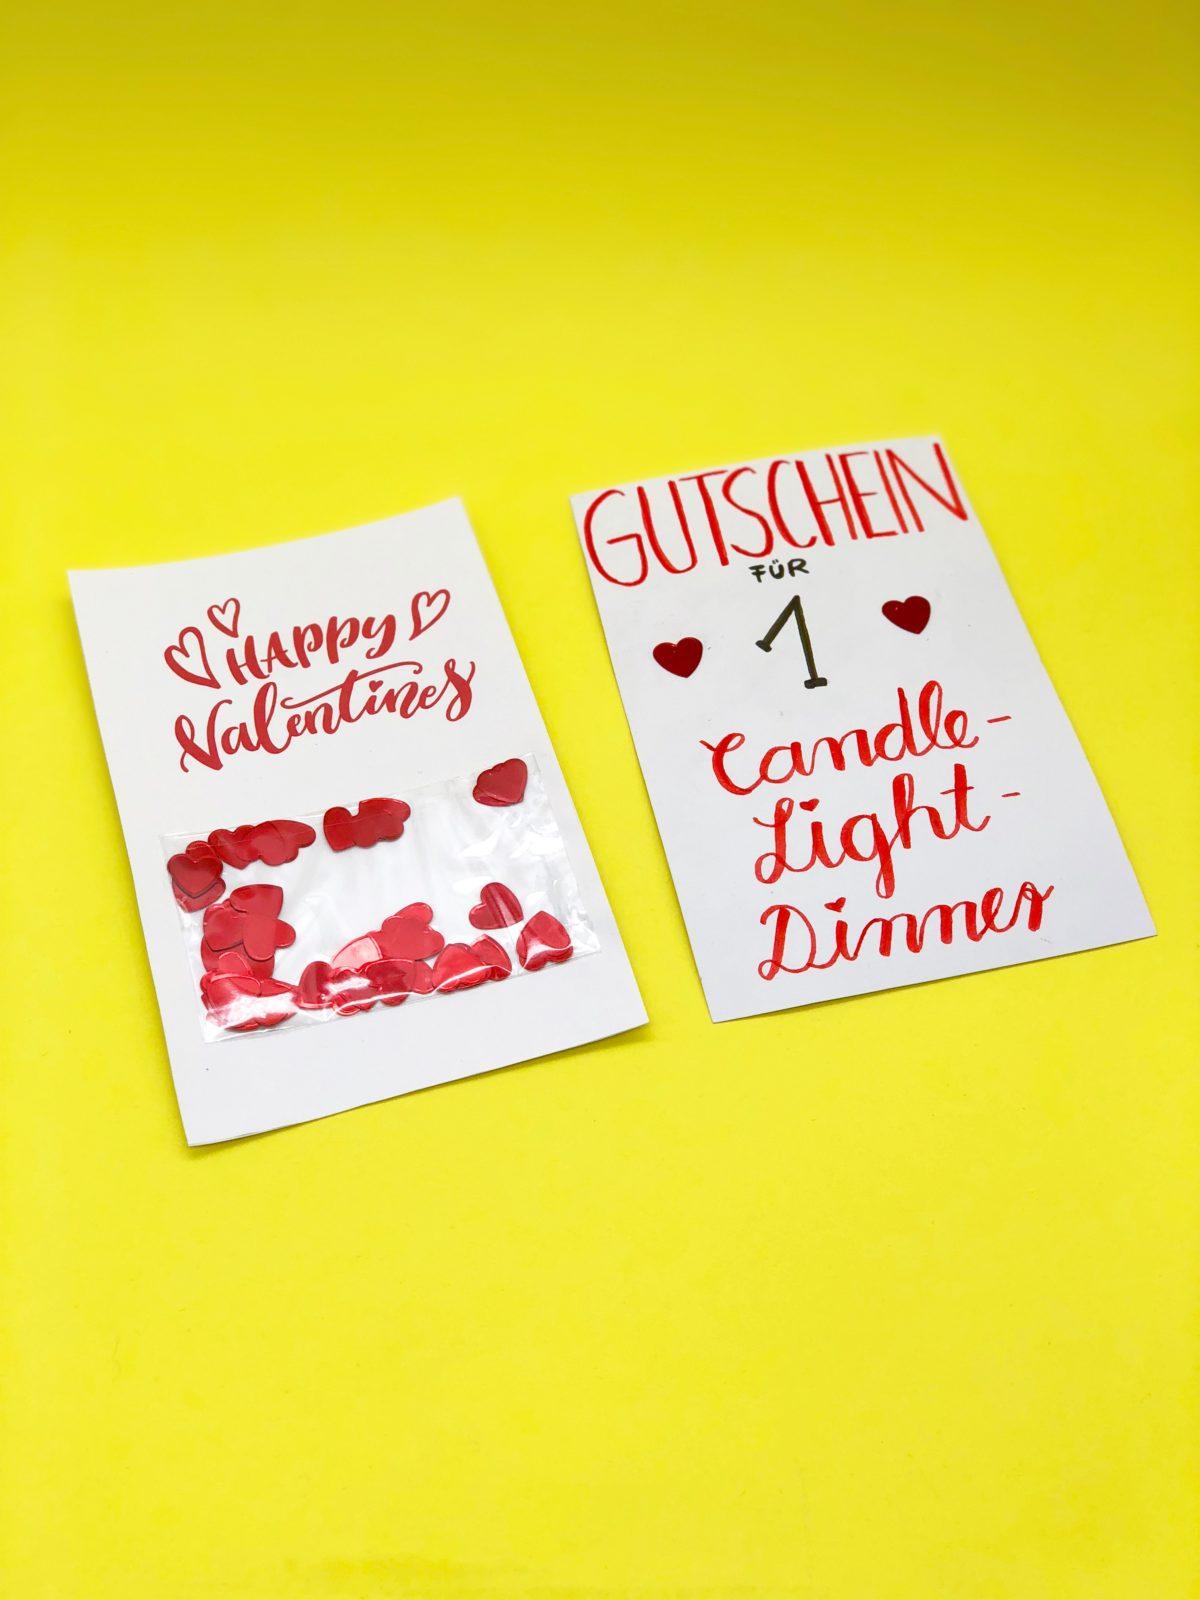 Karten selbst gestalten valentinstag karte selber machen - Gutschein selbst gestalten ideen ...